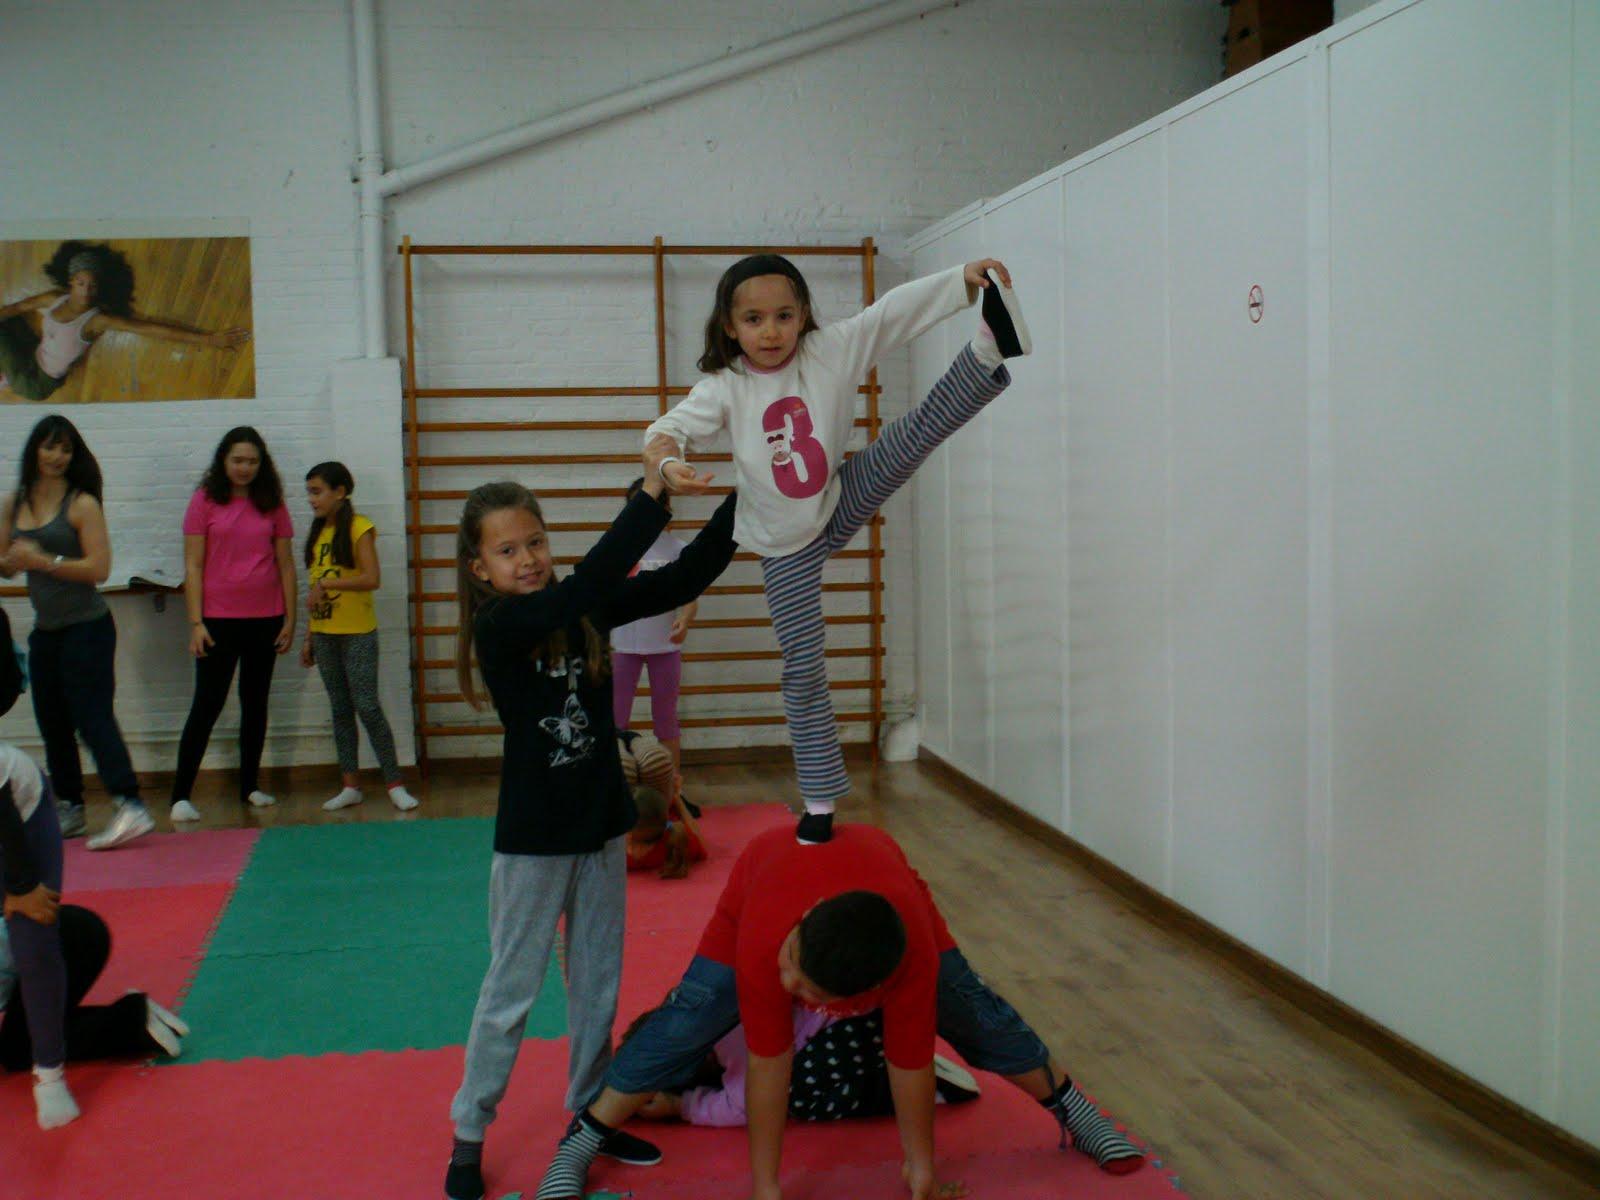 Escuela de danza y acrobacia gimnasio pir mide la for Gimnasio hospitalet